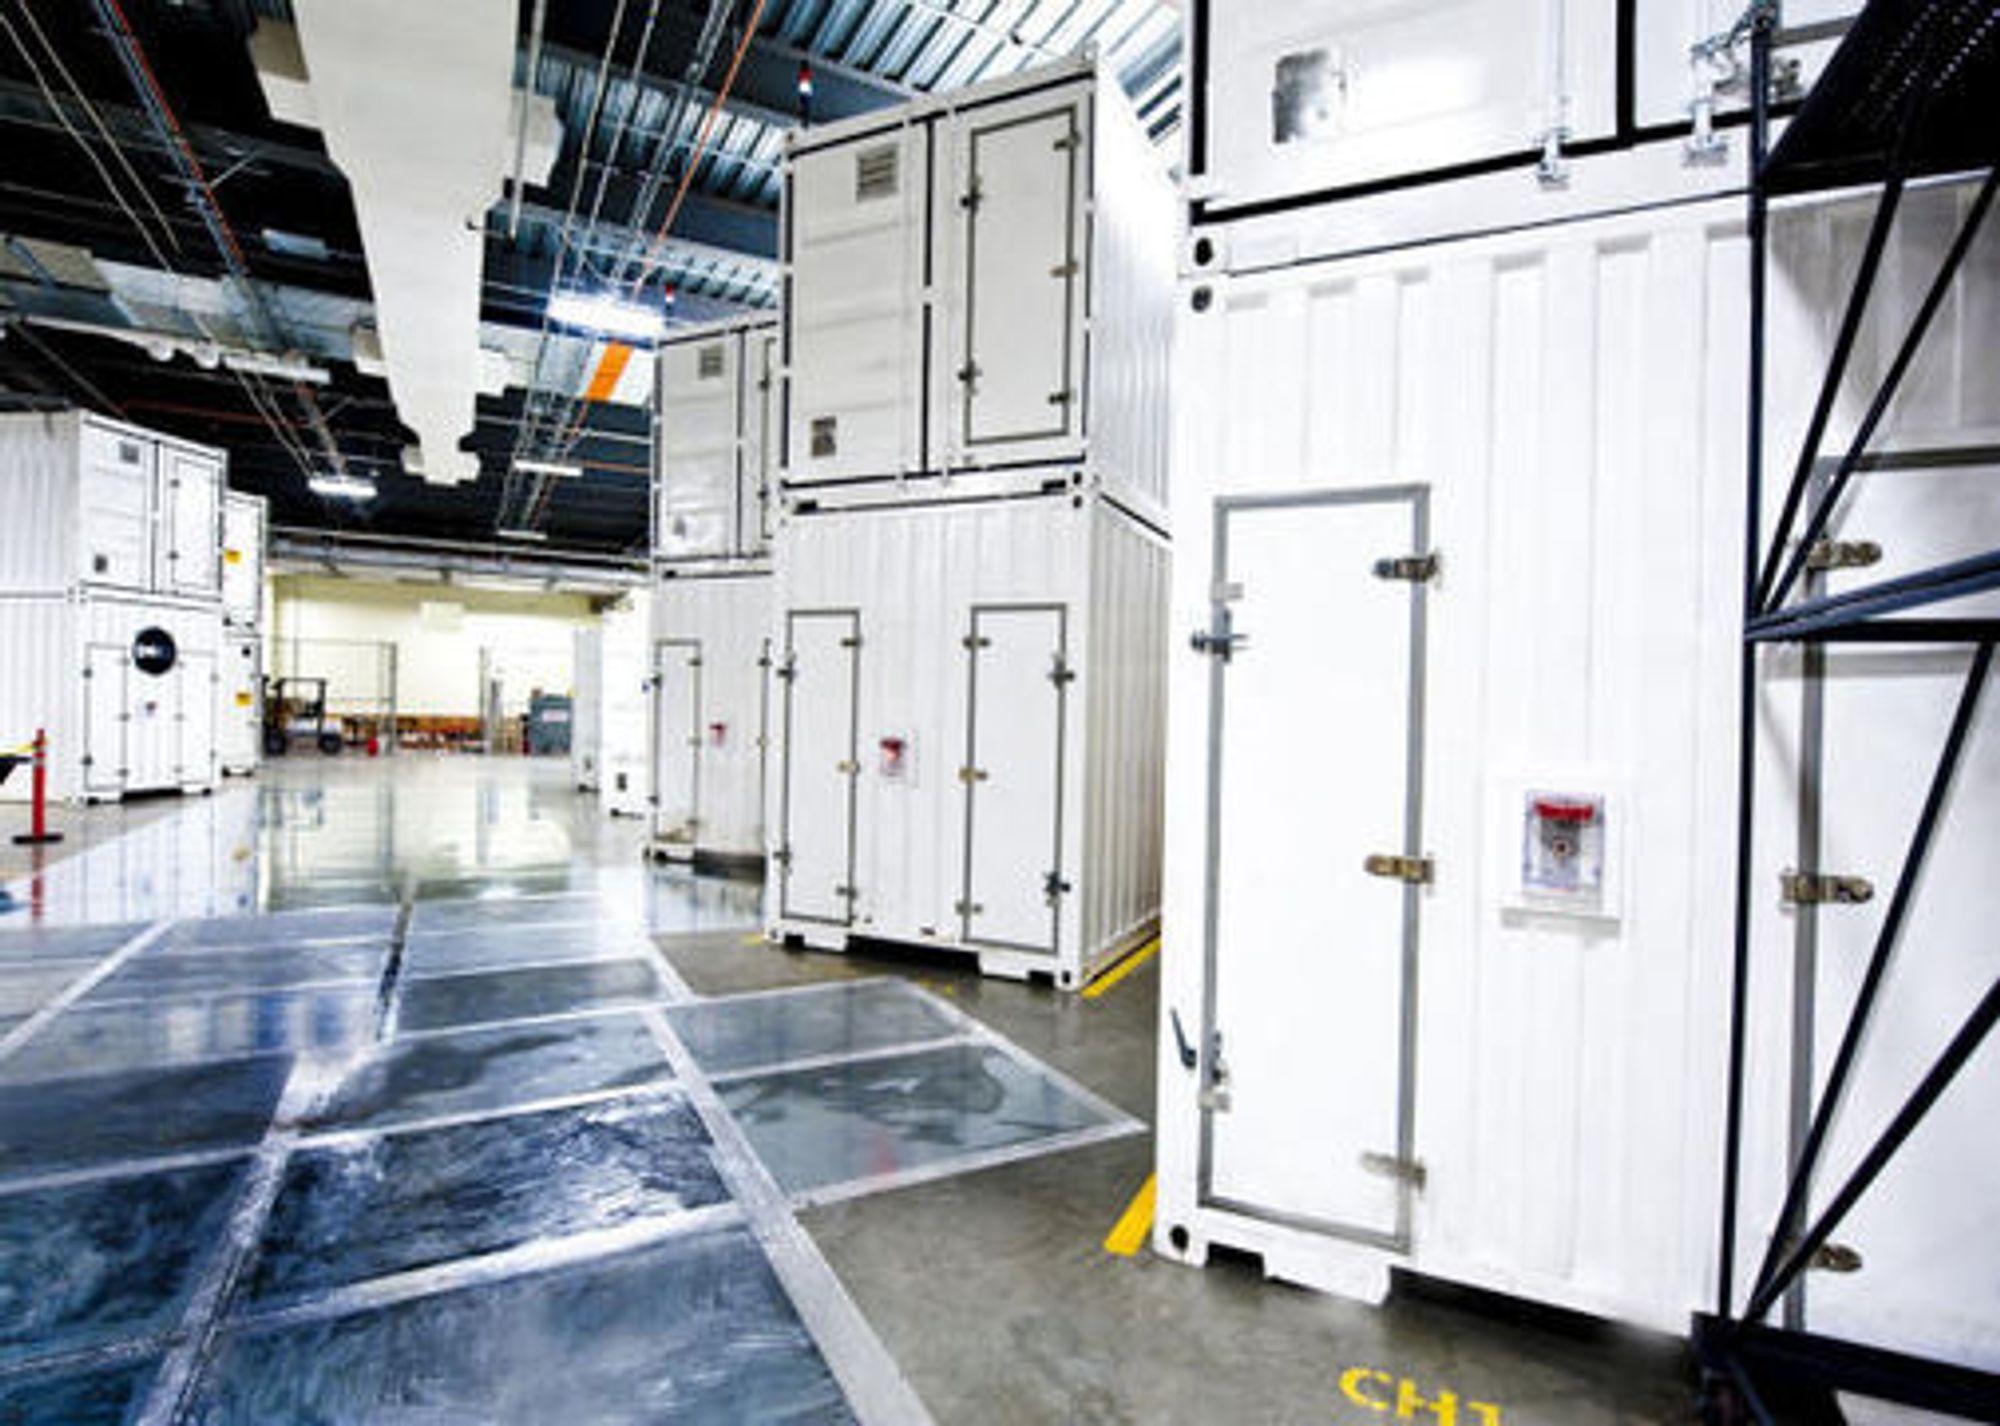 Fra innsiden av Microsofts nye datasentral i Chicago, der 10 toetasjes 12 meter lange og 60 tonn tunge serverkonteinere er på plass.